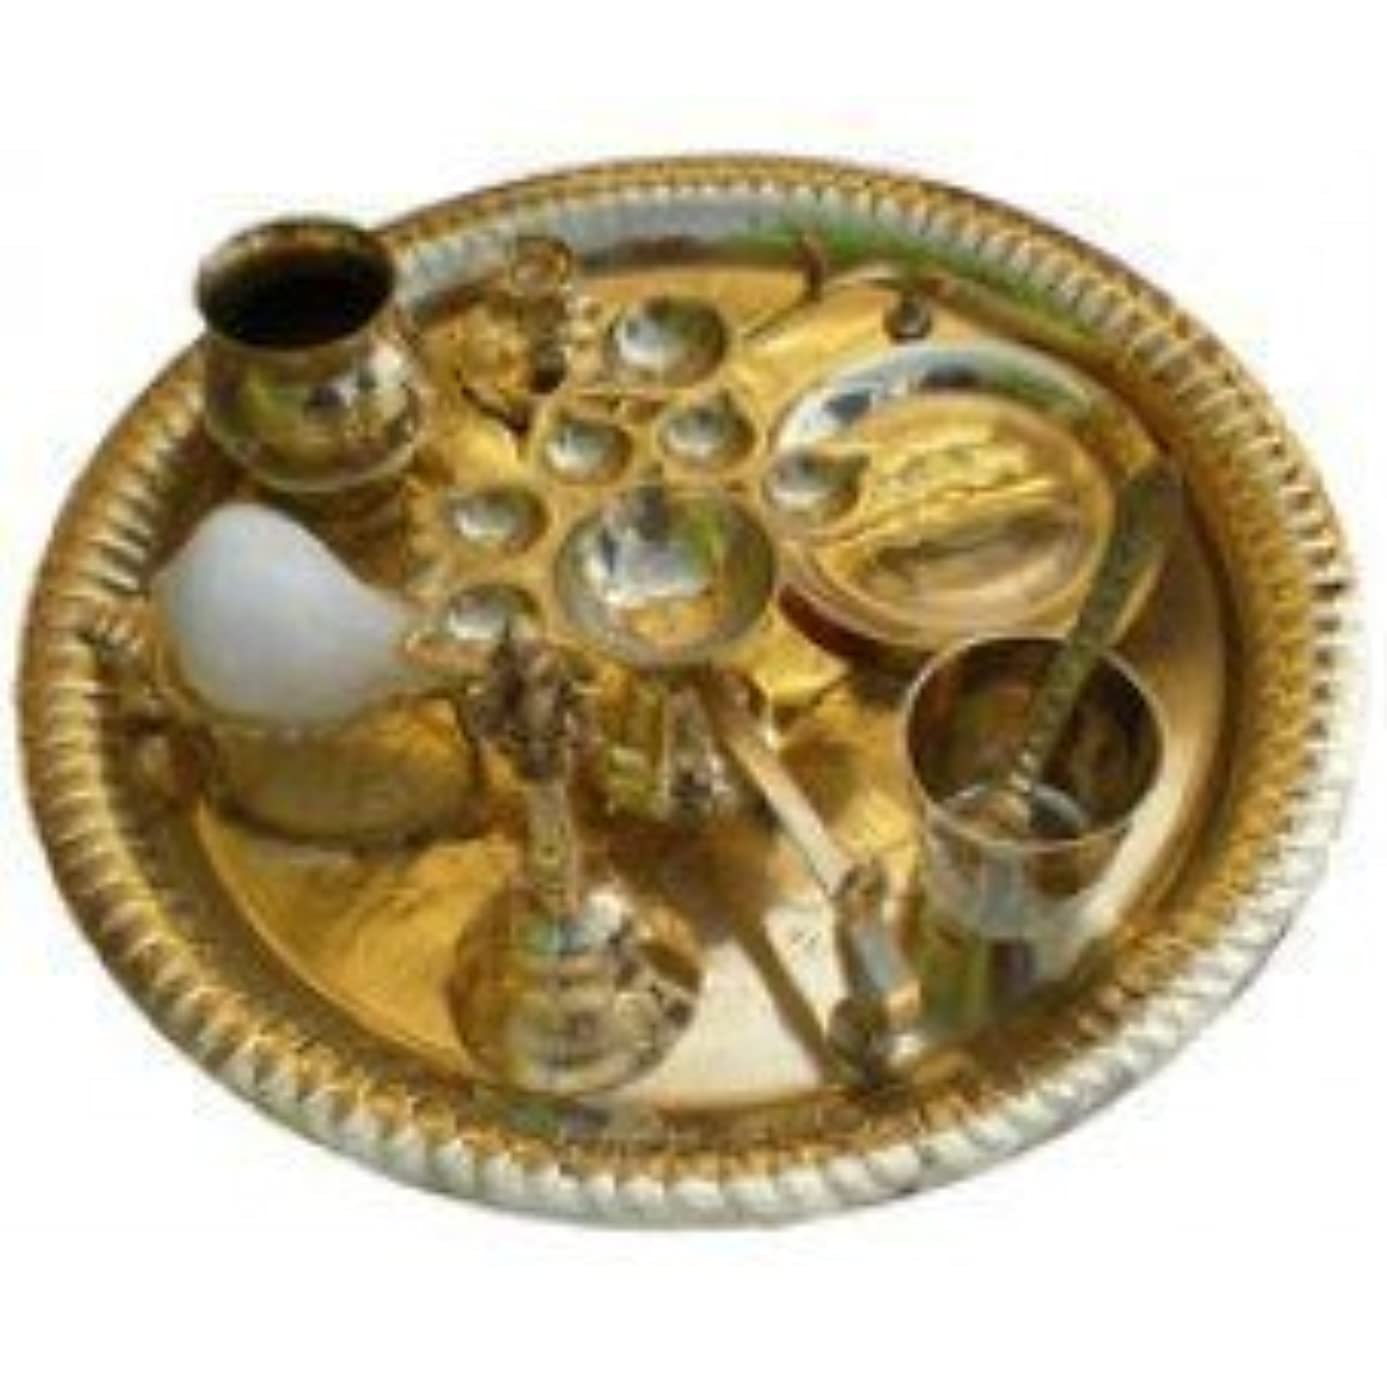 険しい最も早いハンサムAarti Set (tray with Bell, Incense Holder, Flower Tray, Conch, Ghee Lamps)